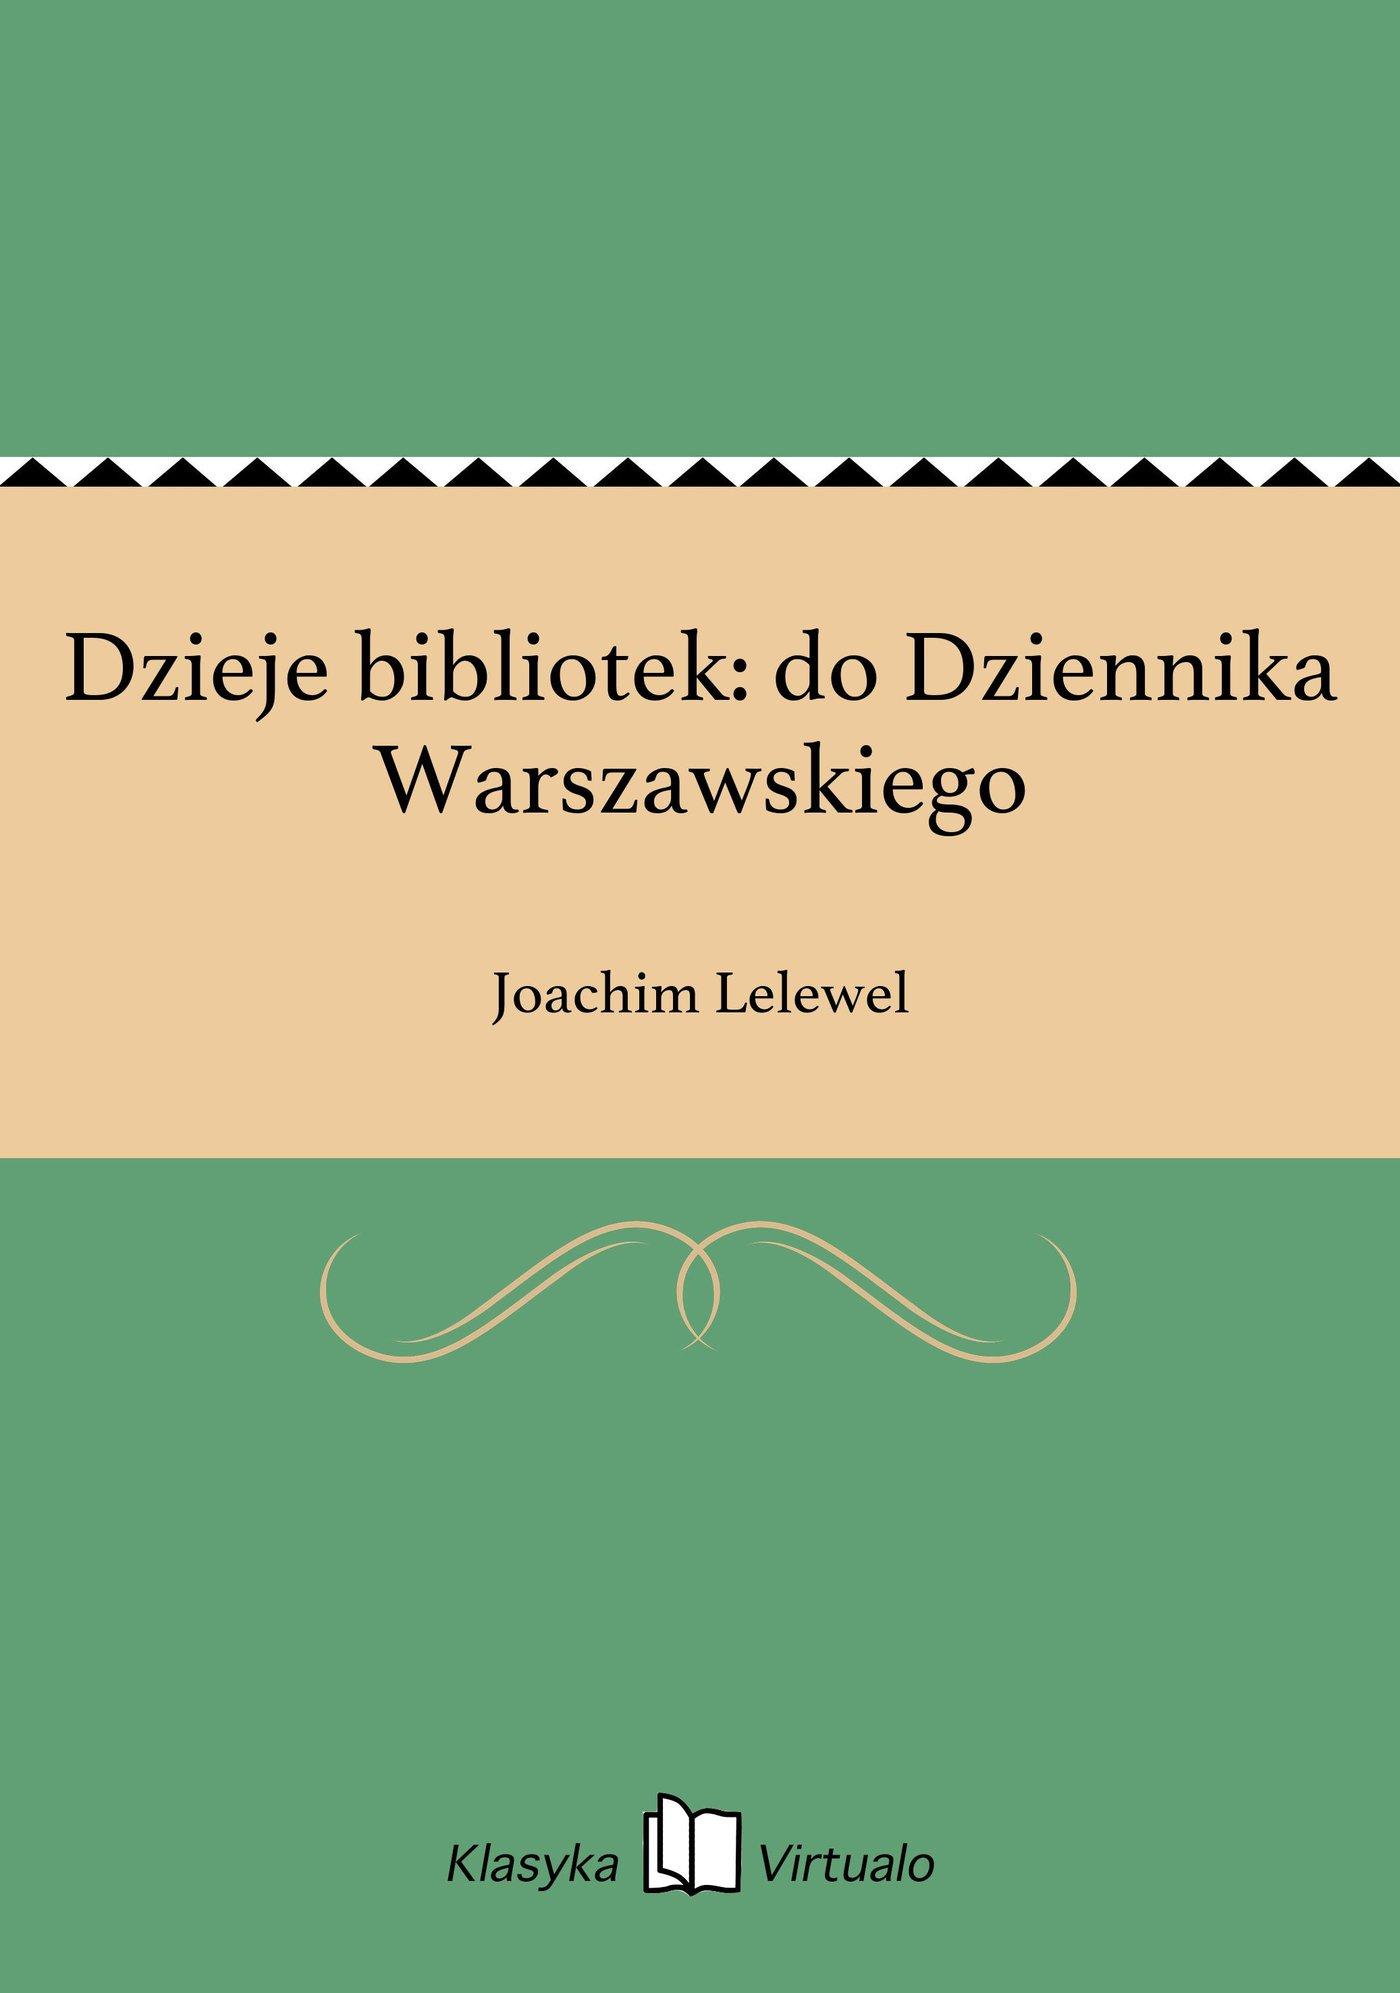 Dzieje bibliotek: do Dziennika Warszawskiego - Ebook (Książka na Kindle) do pobrania w formacie MOBI